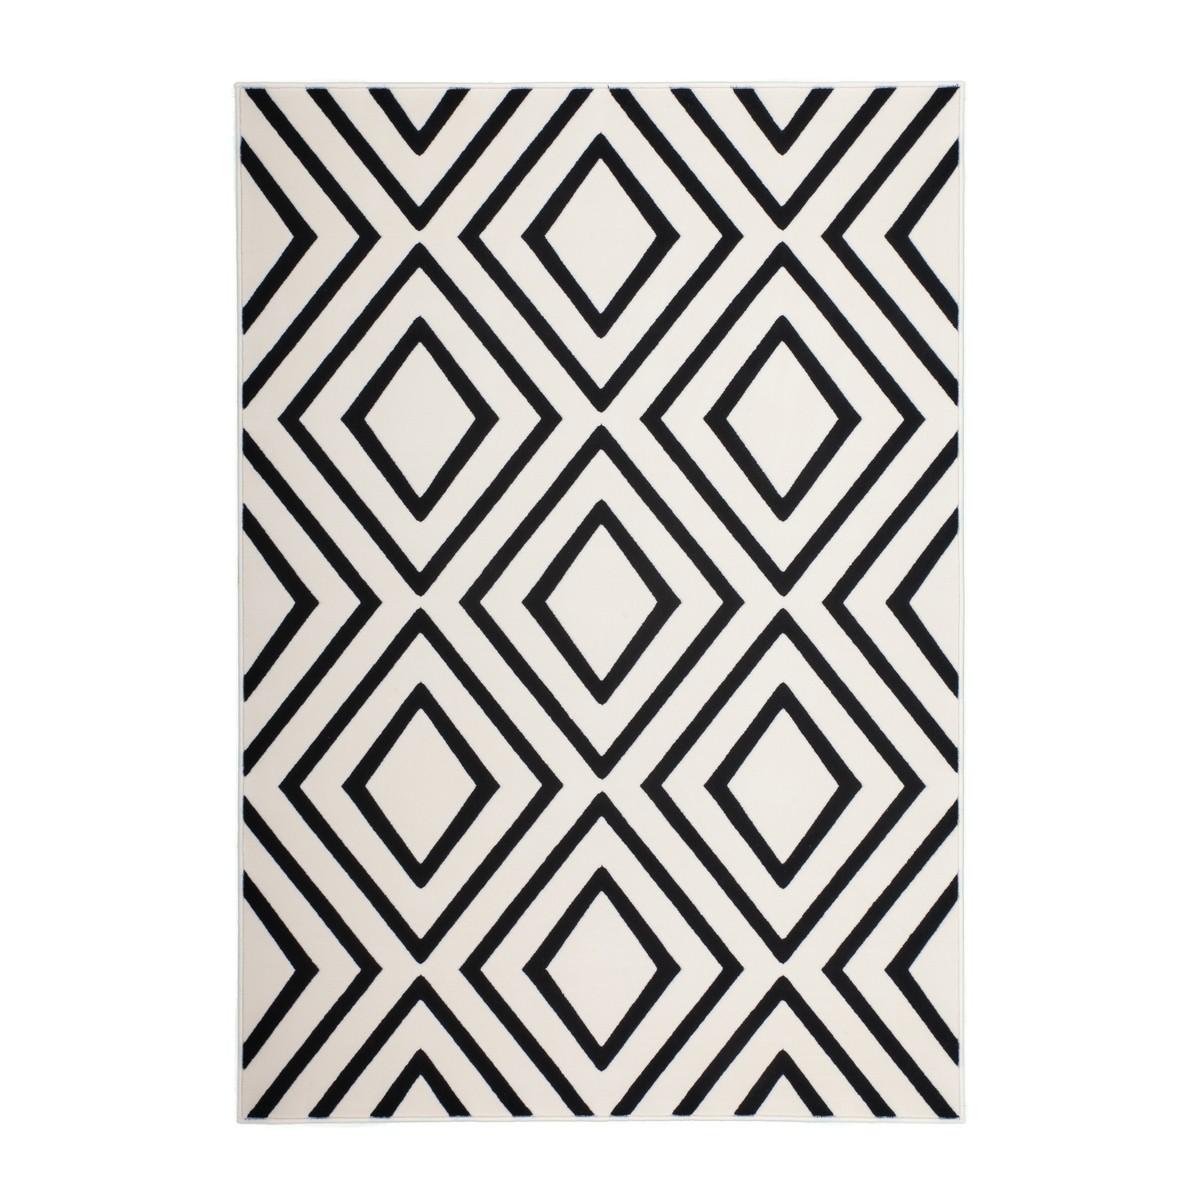 tapis graphique augusta rectangulaire tisse a la machine ivoire noir amp story 6038